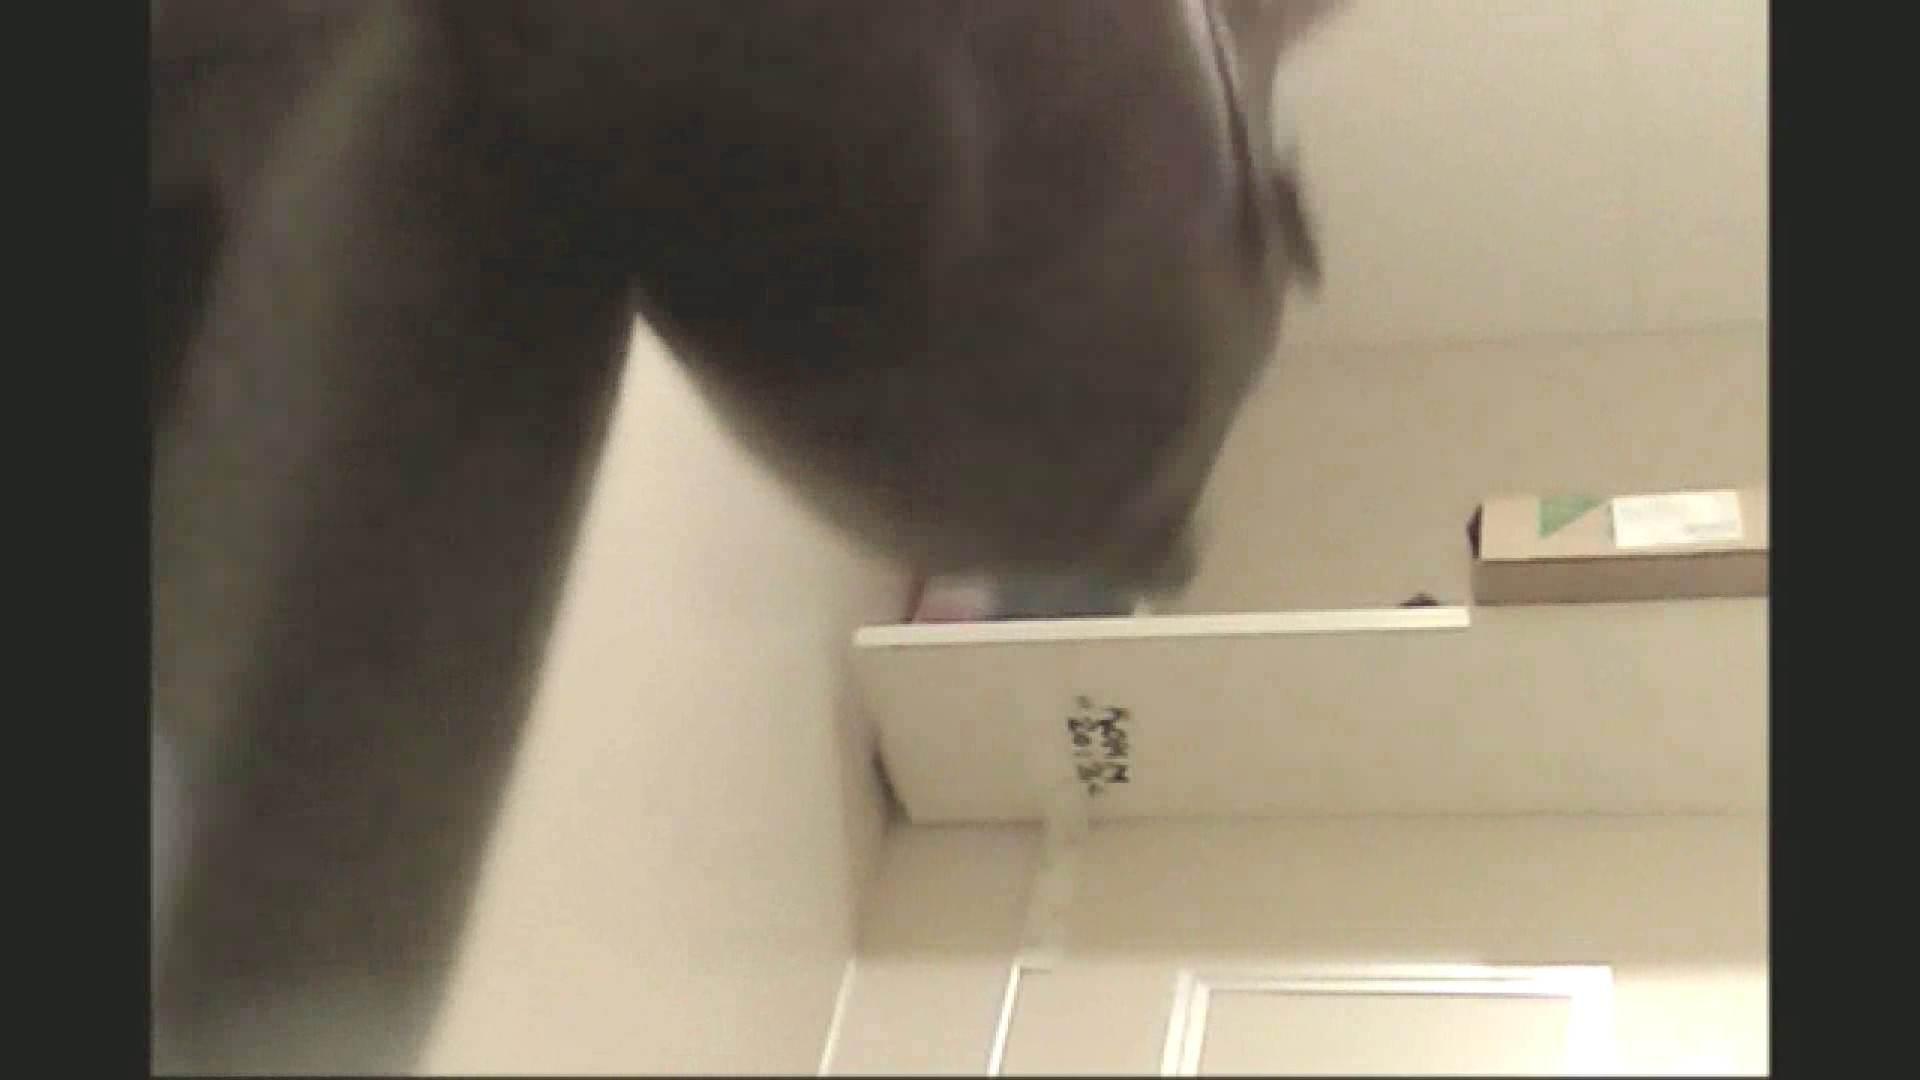 実録!!綺麗なお姉さんのトイレ事情・・・。vol.15 トイレ突入 エロ無料画像 96pic 2